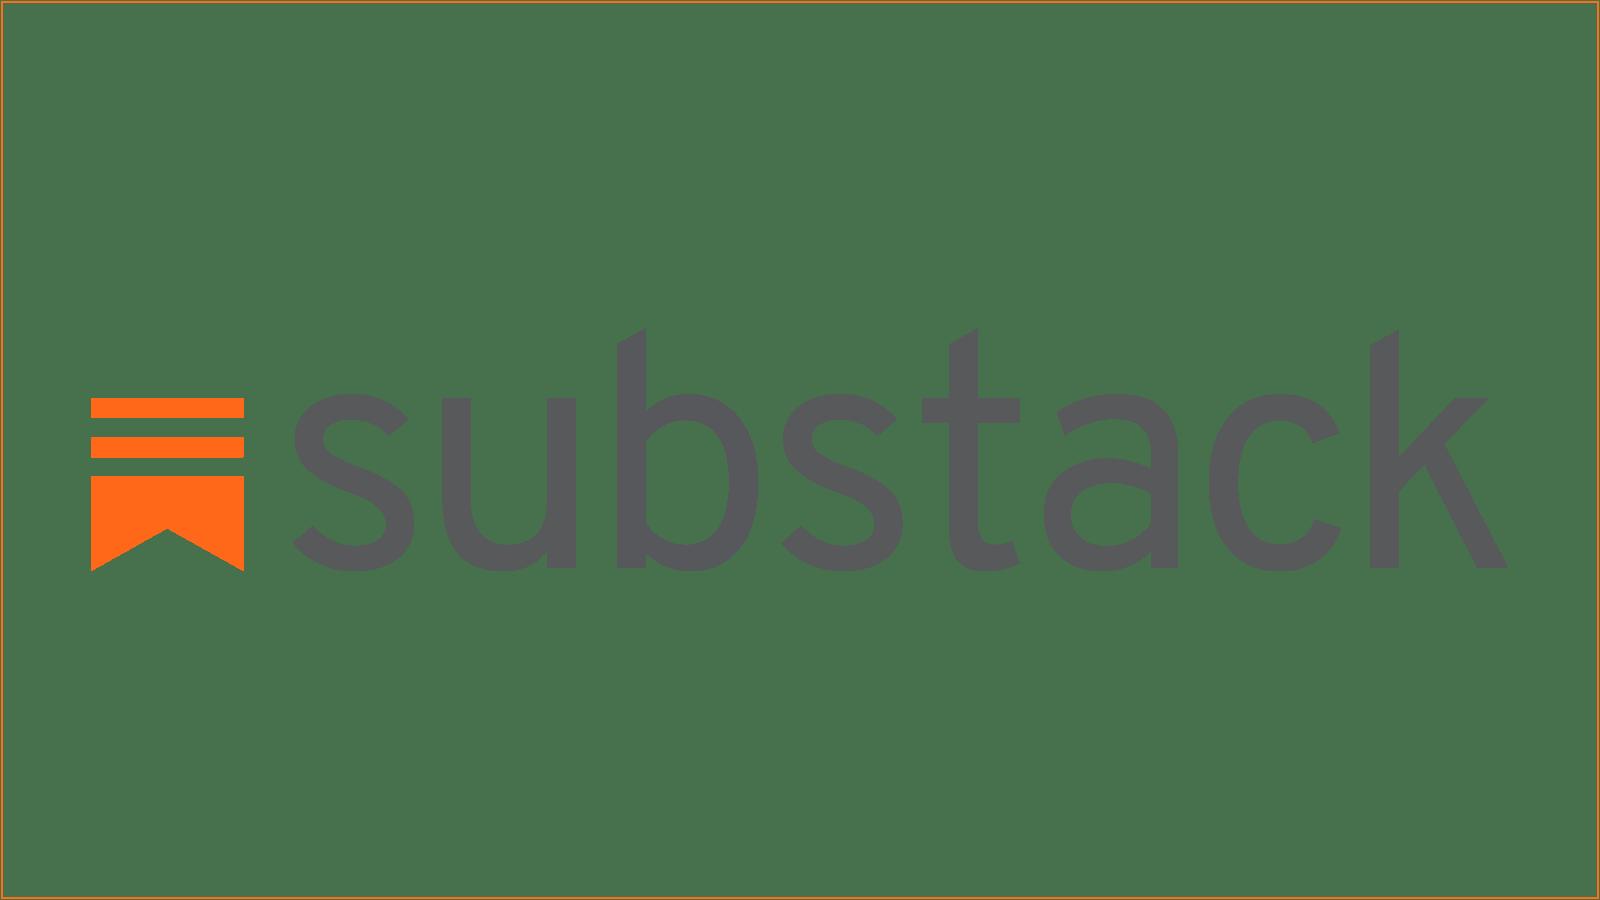 Substack_logo-16x9i